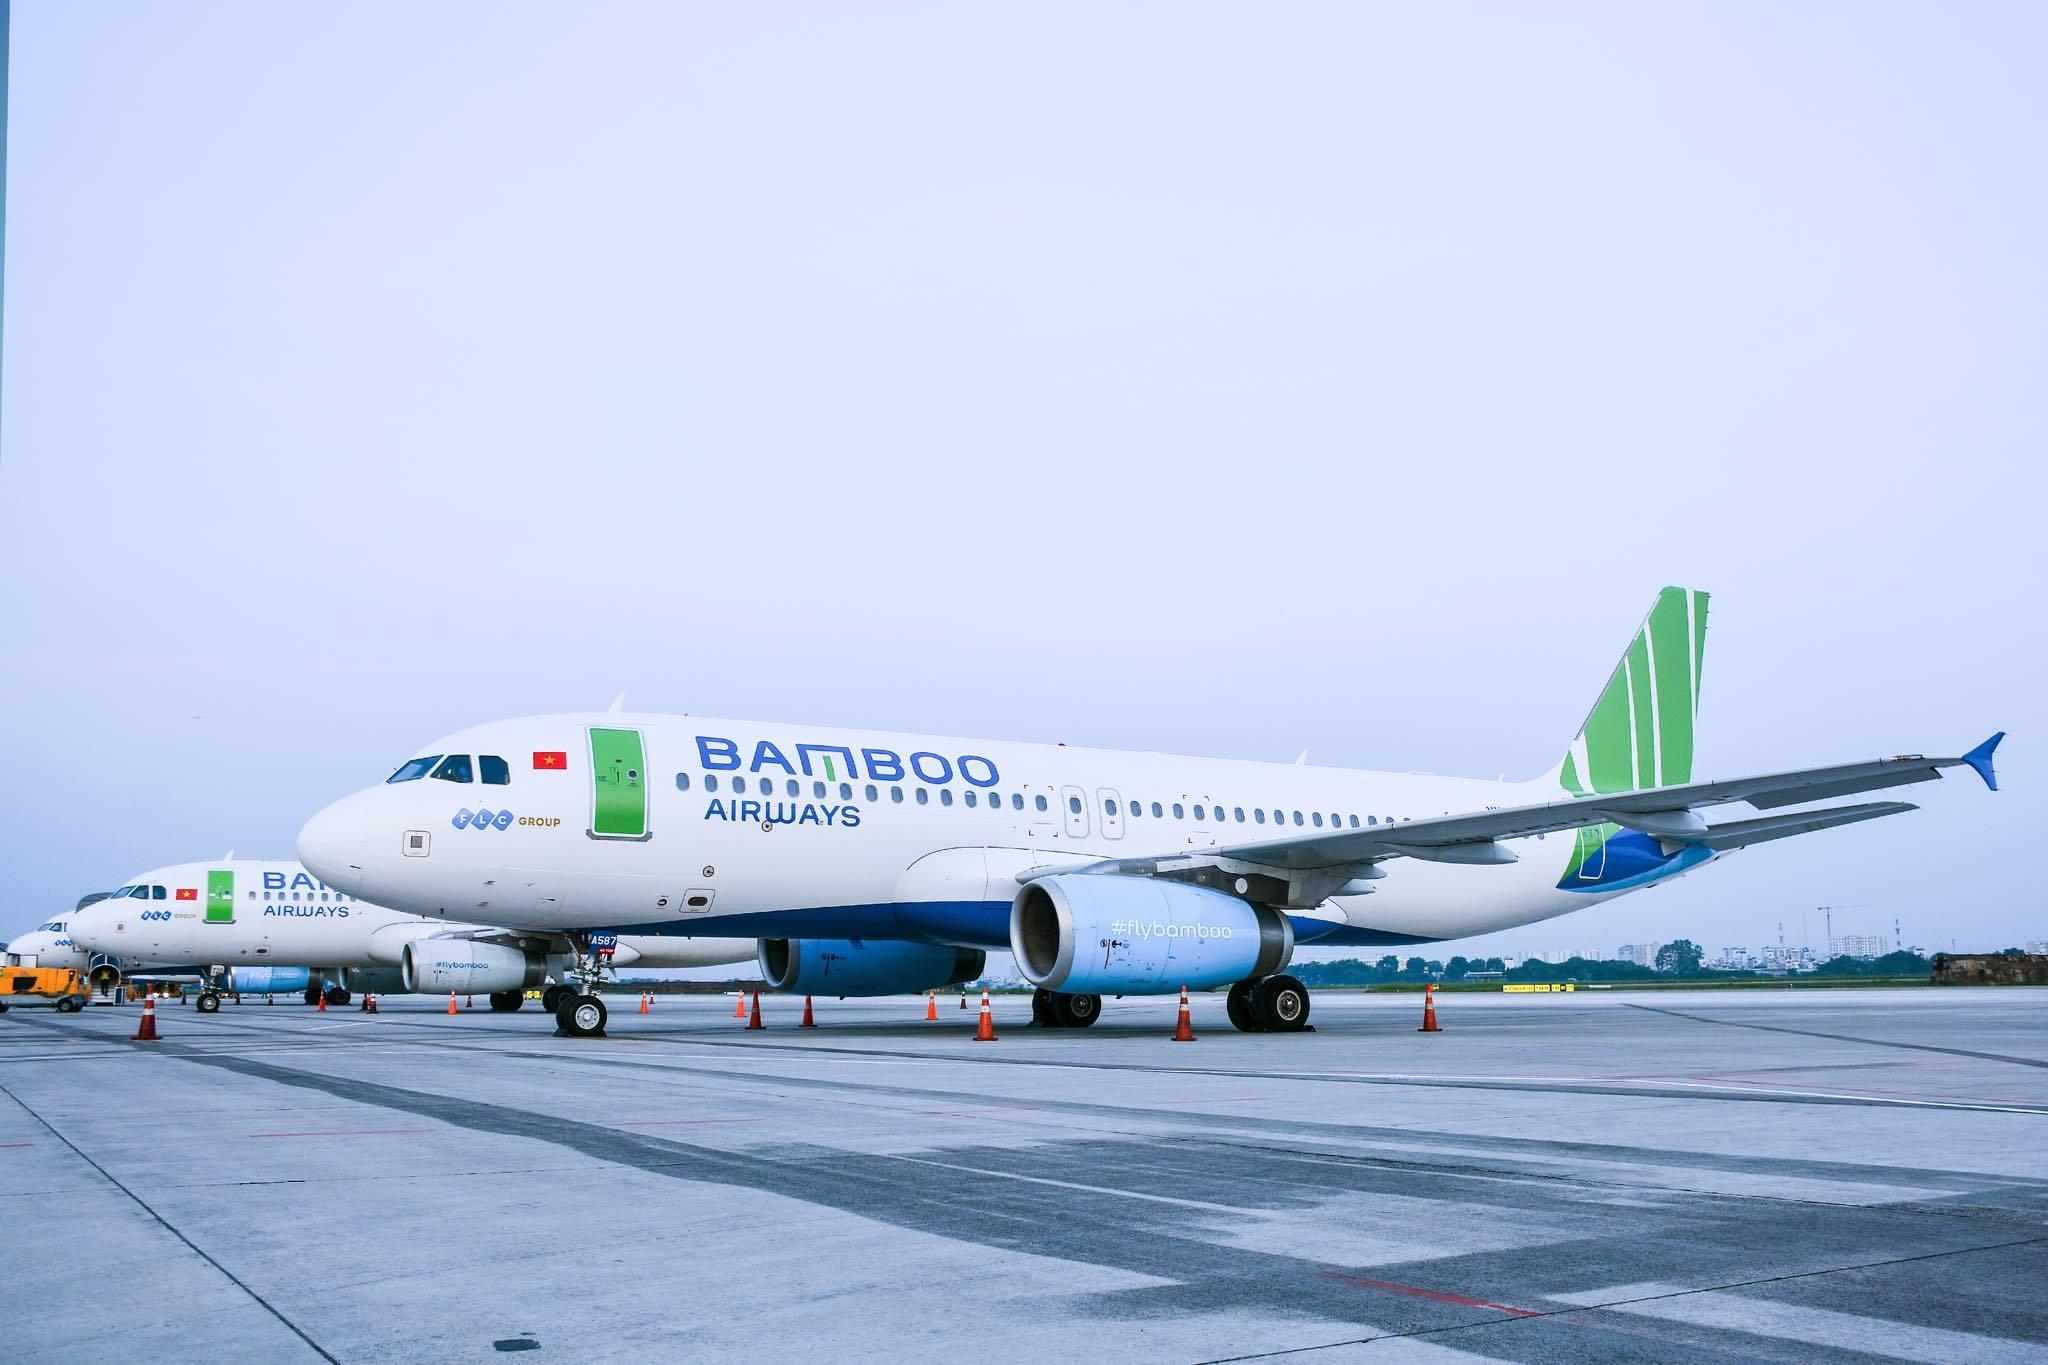 Bamboo Airways bị nhắc nợ 'chiếm dụng' 205 tỉ đồng vốn của ACV